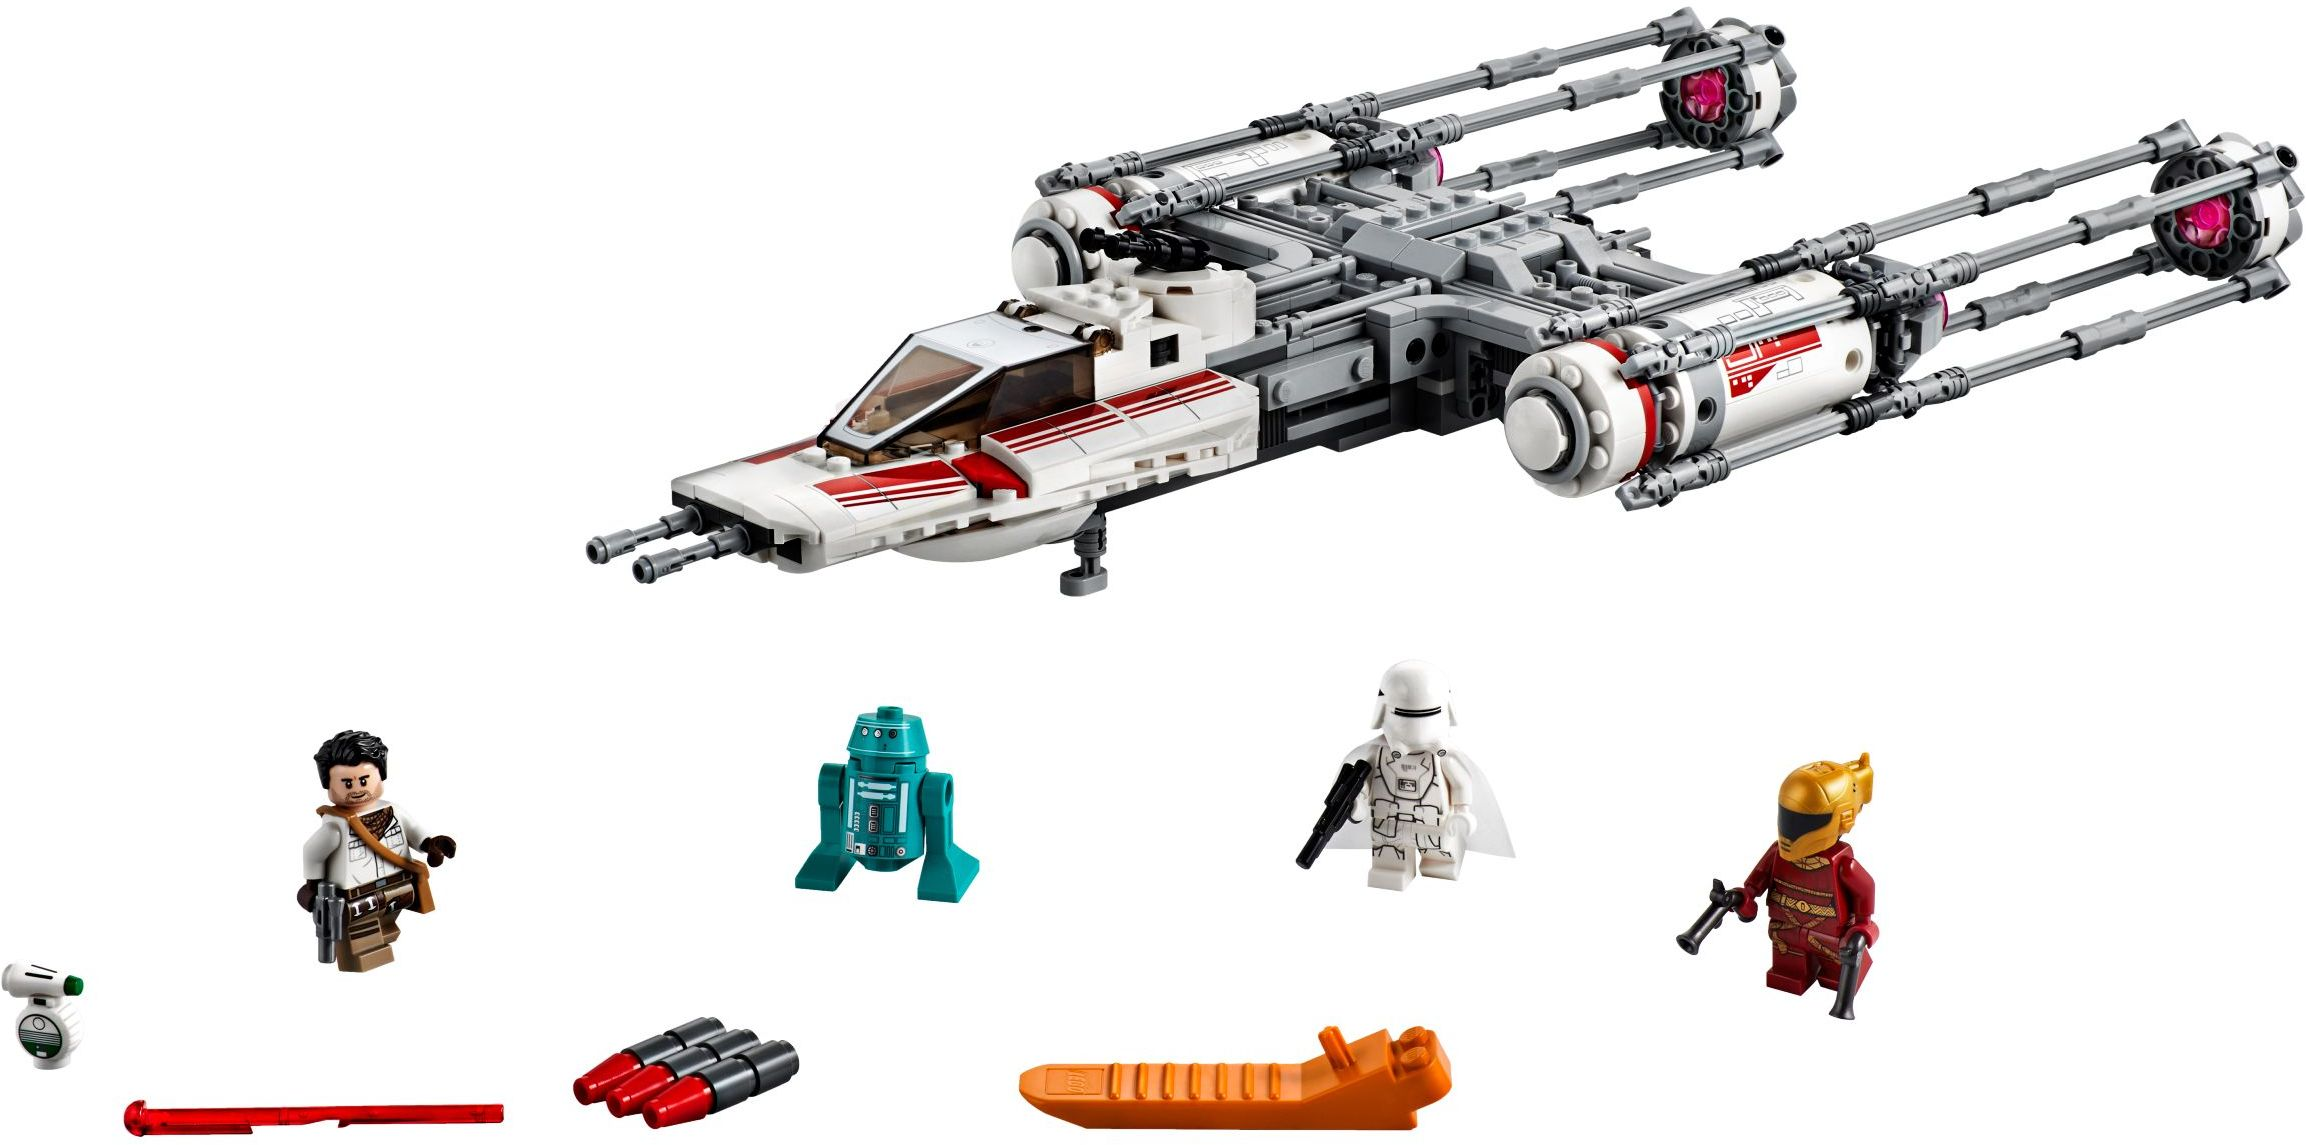 Star Wars The Rise Of Skywalker Brickset Lego Set Guide And Database